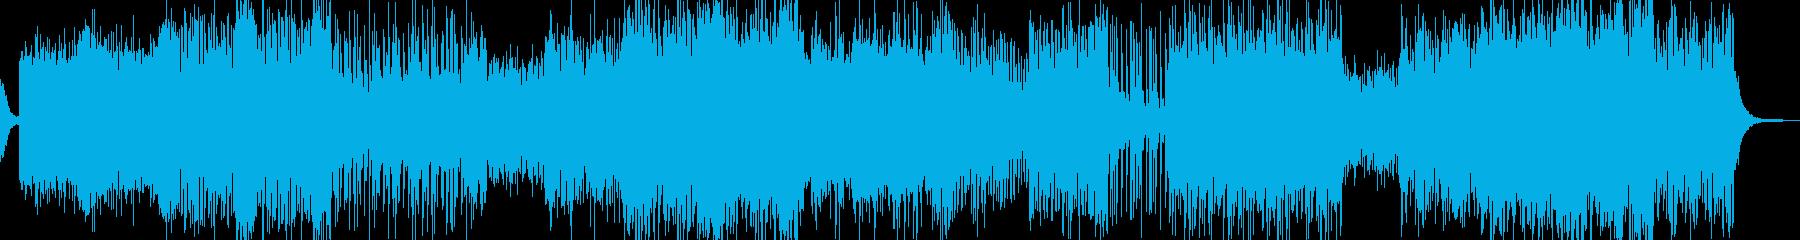 RPG・砂漠イメージのフィールドBGMの再生済みの波形